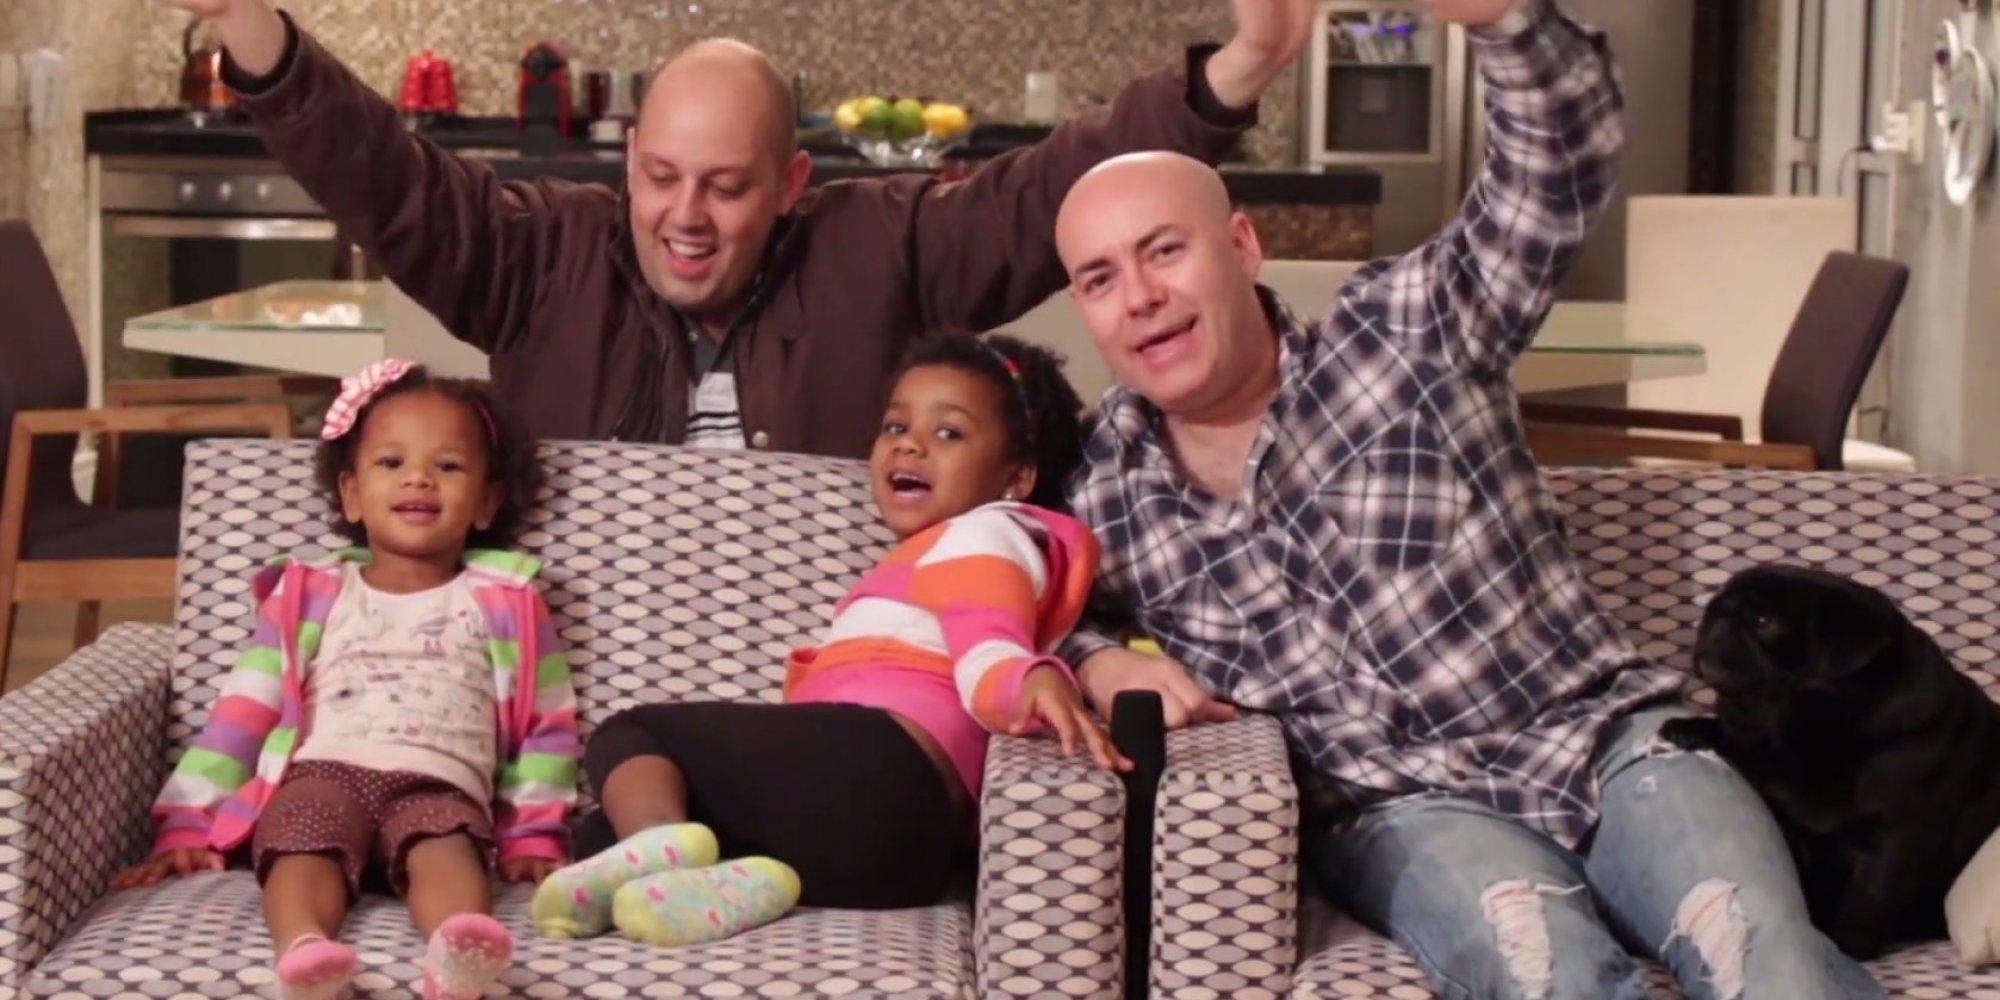 Resultado de imagem para familias homoafetivas